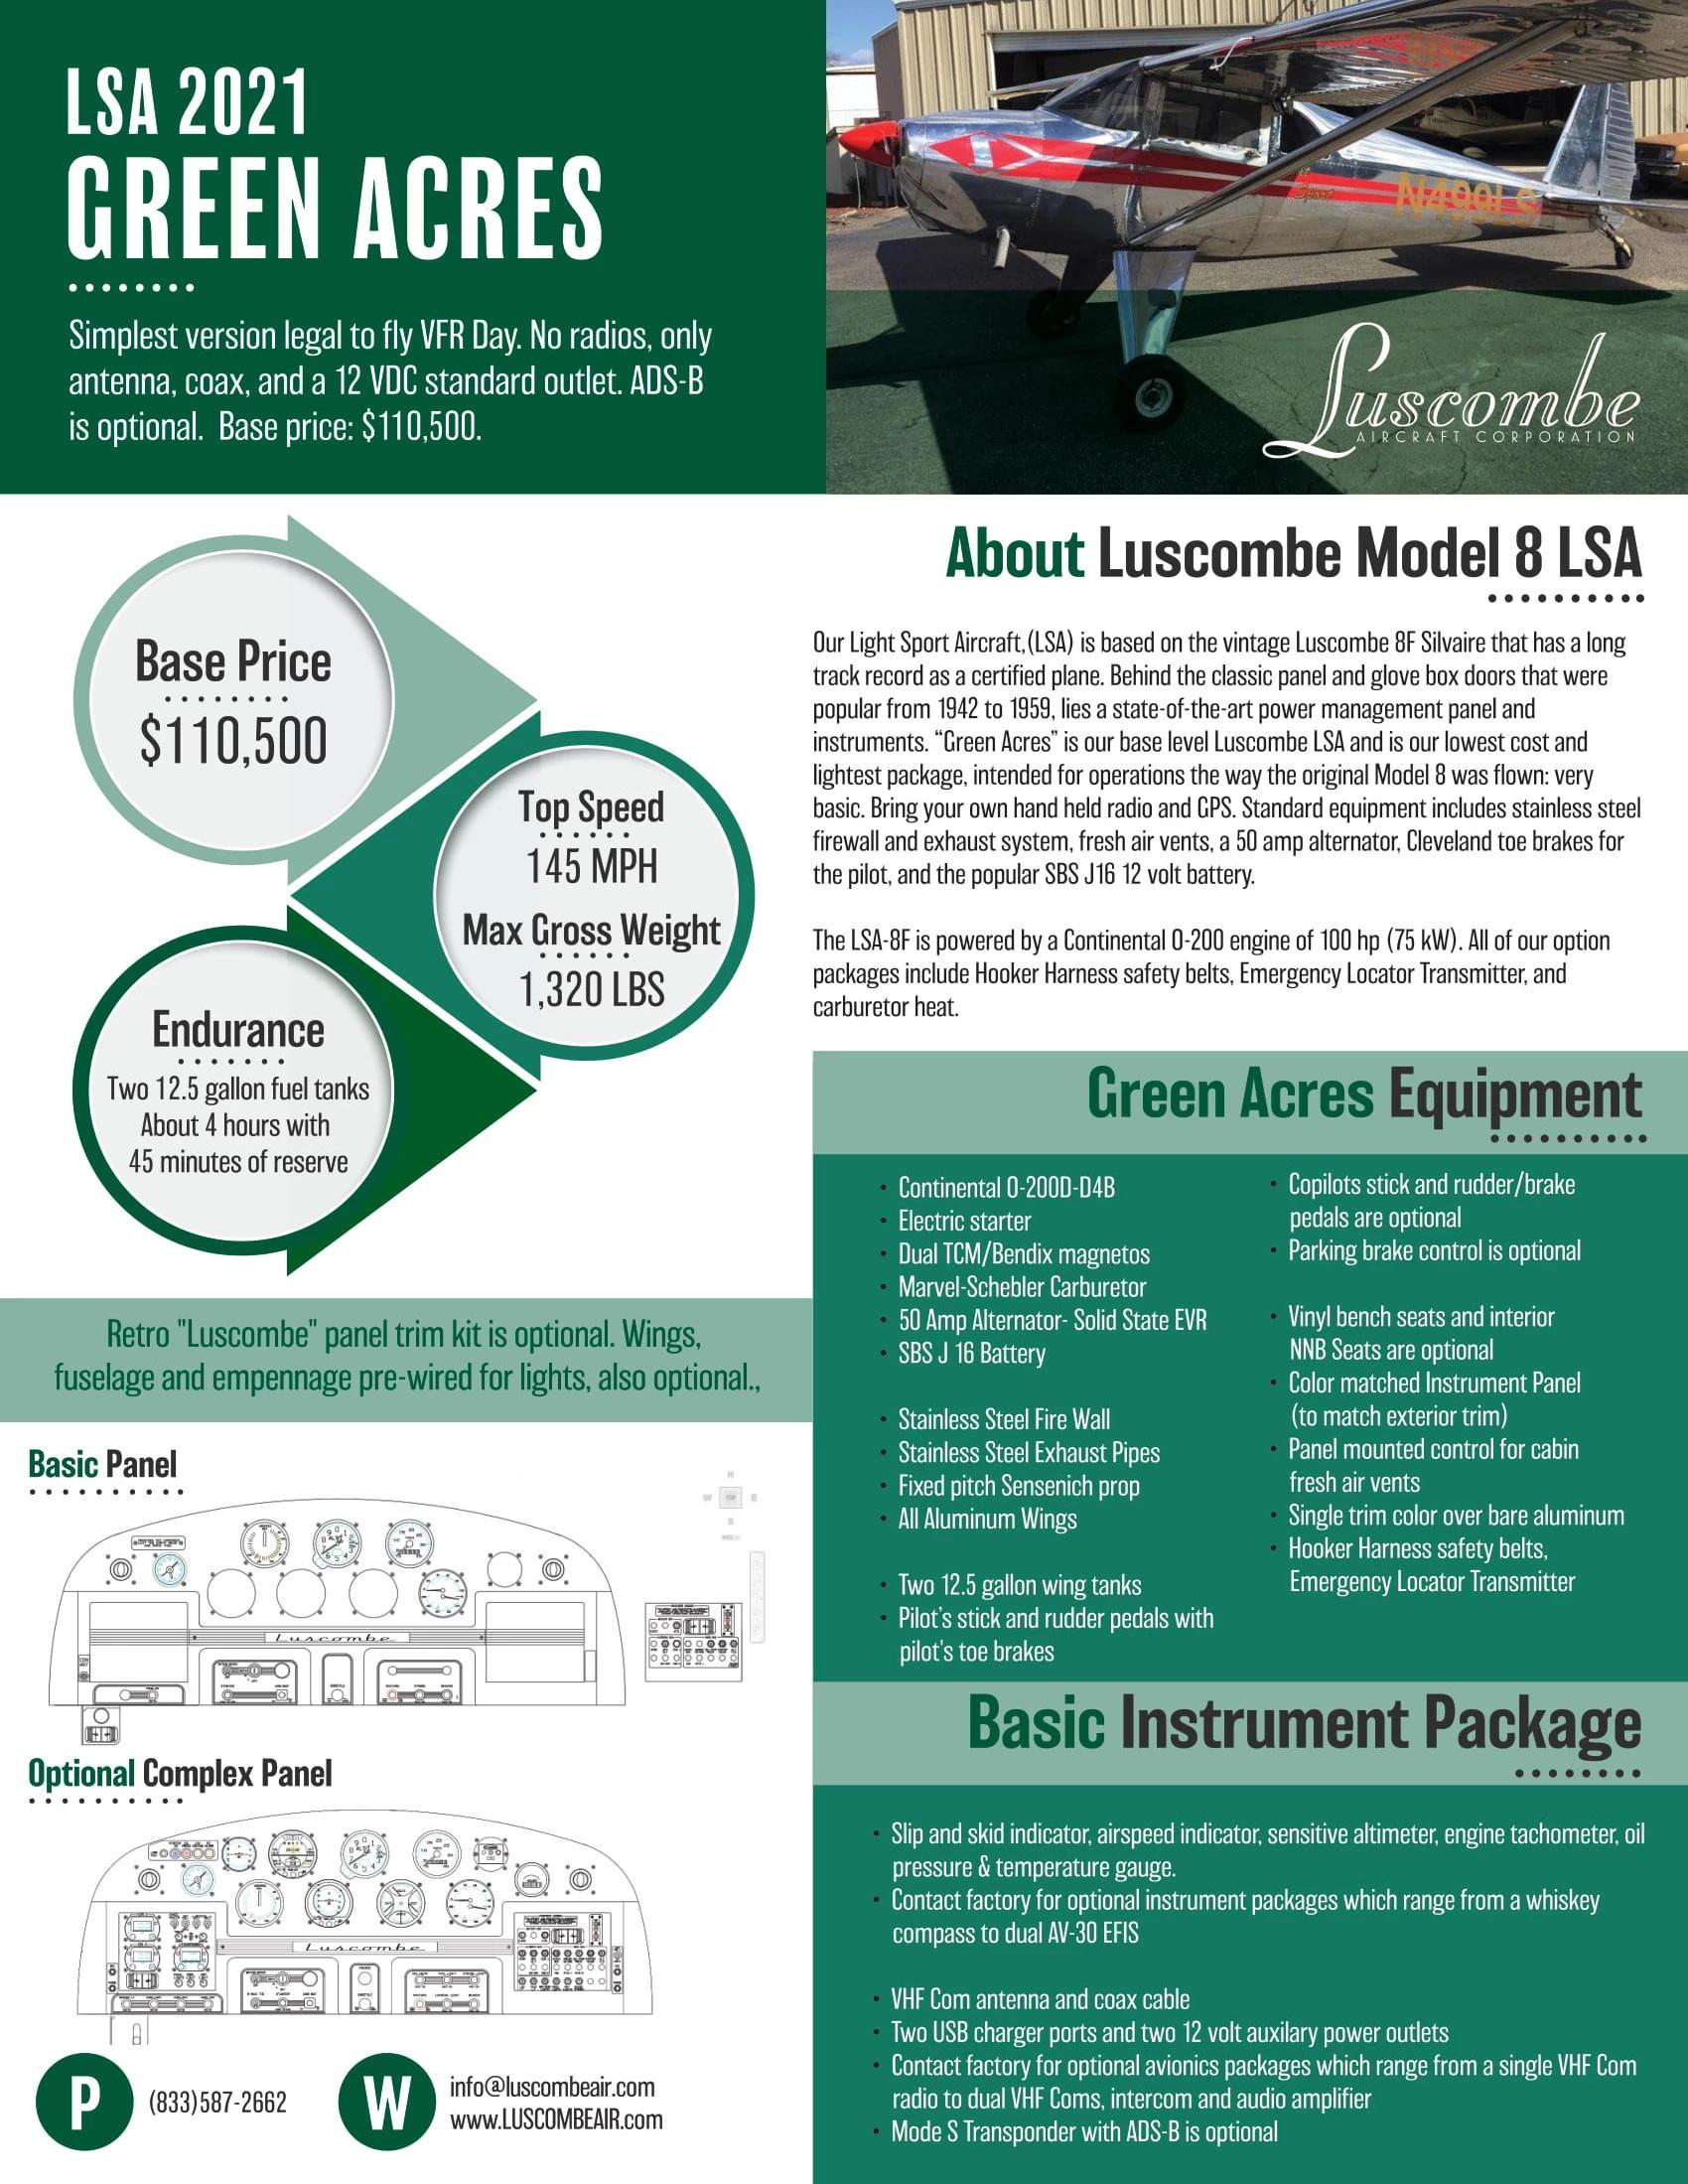 Luscombe infographic